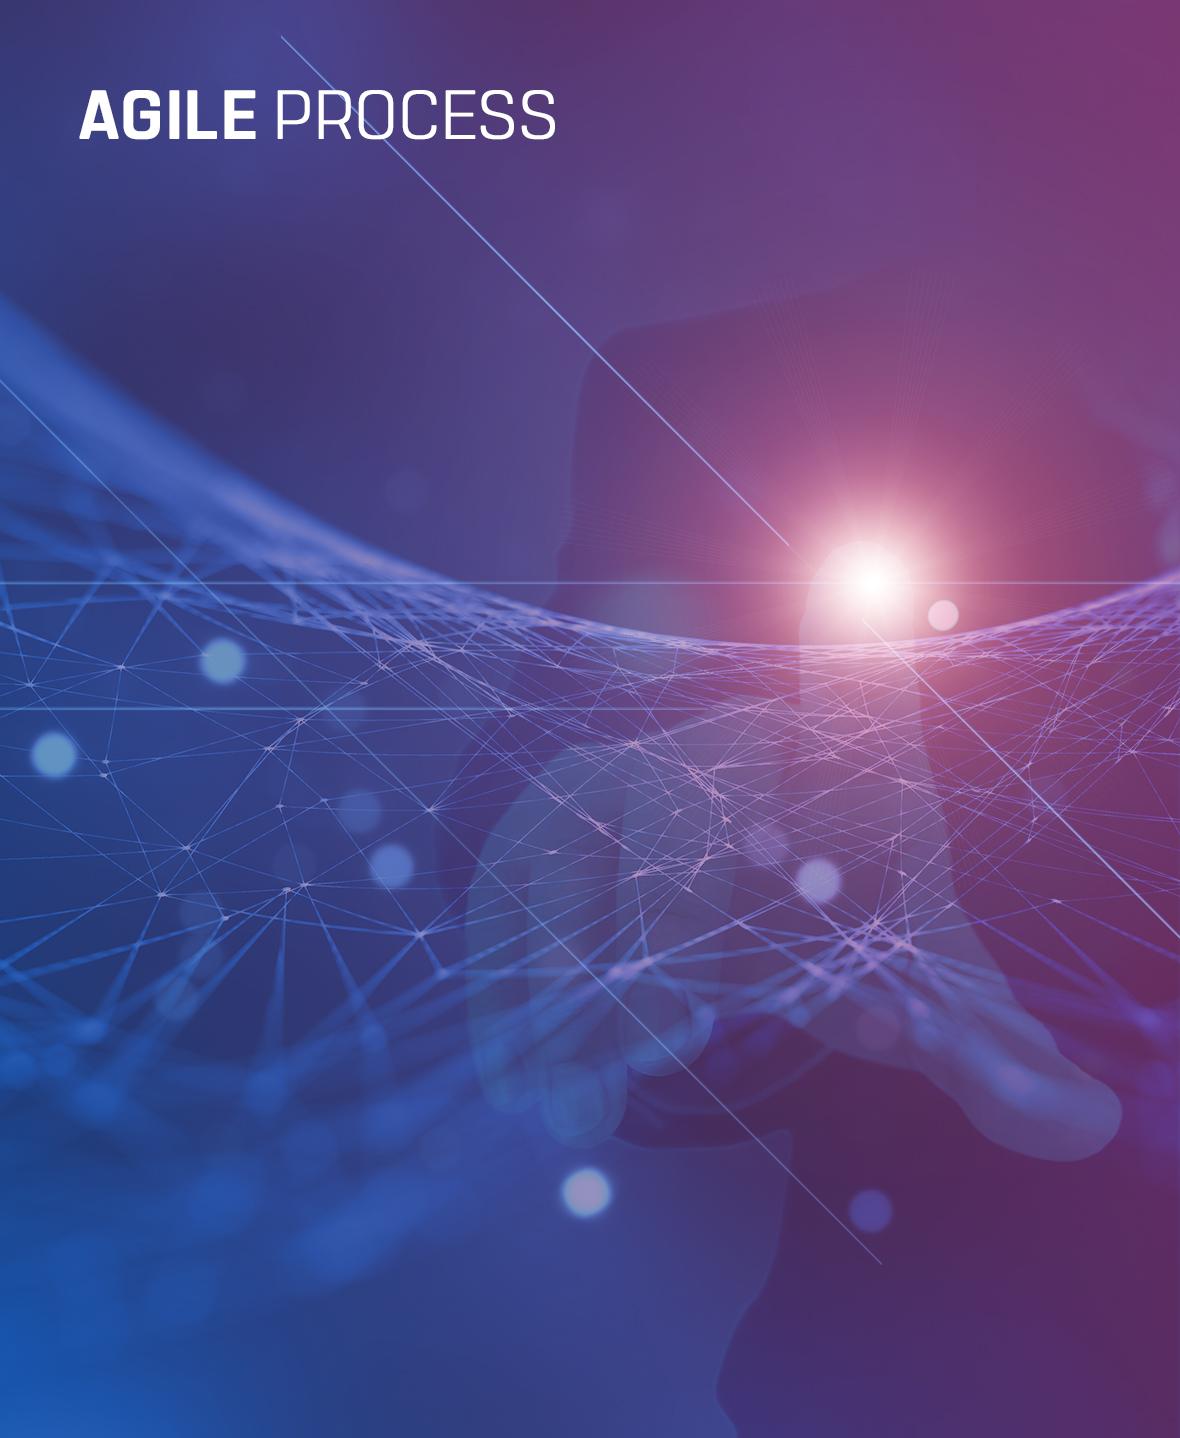 agile-process